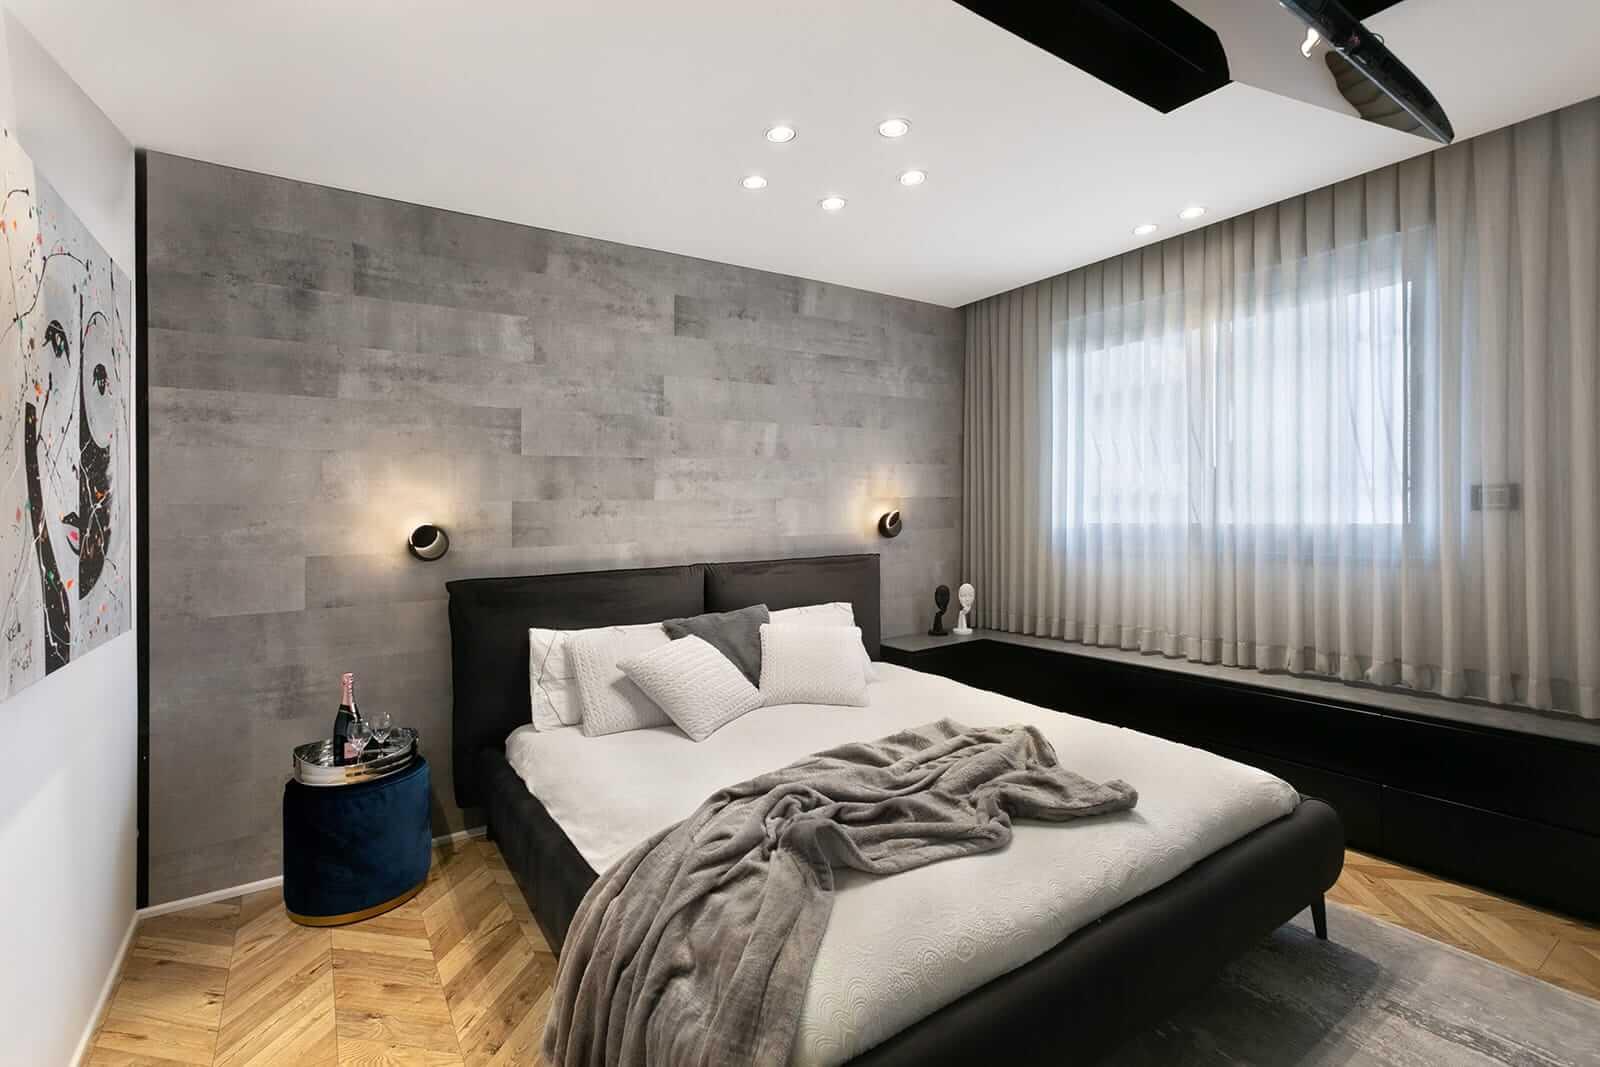 חדר שינה מעוצב בגופי תאורה מבית סיטי לייט